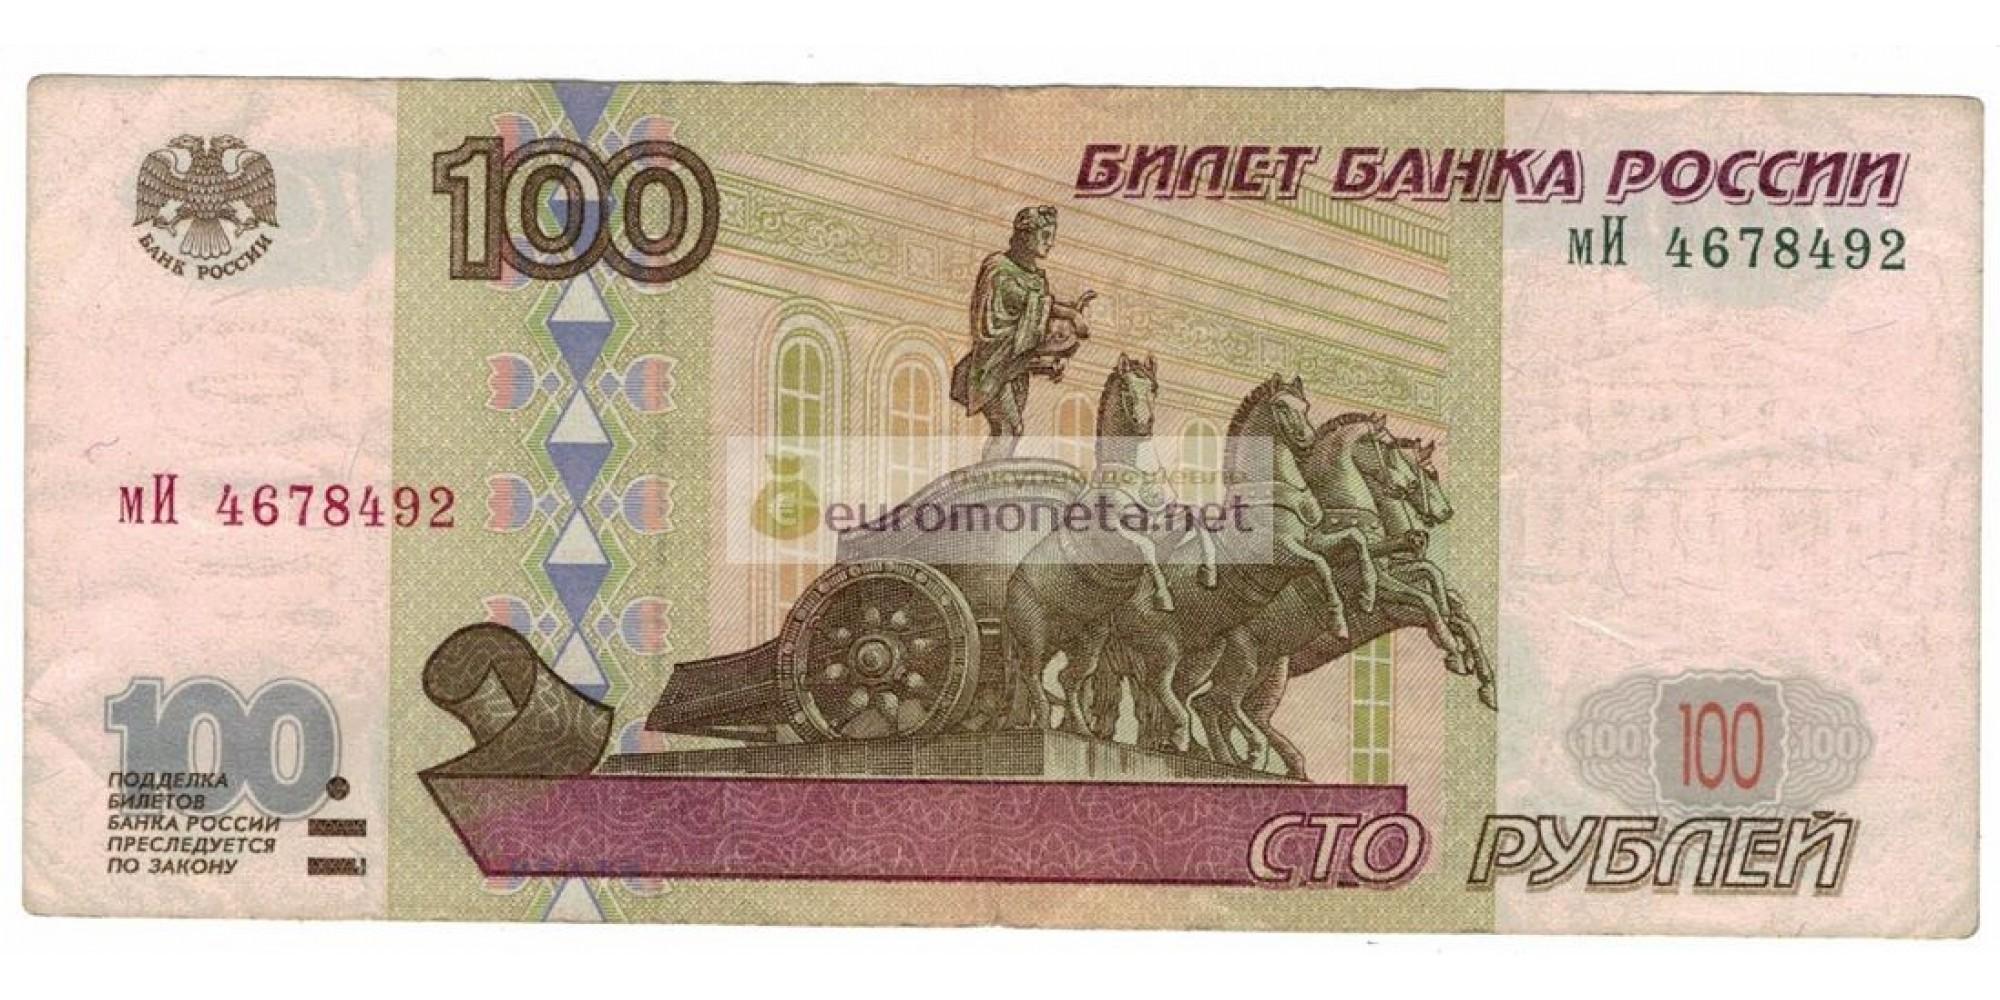 Россия 100 рублей 1997 год без модификации серия мИ 4678492